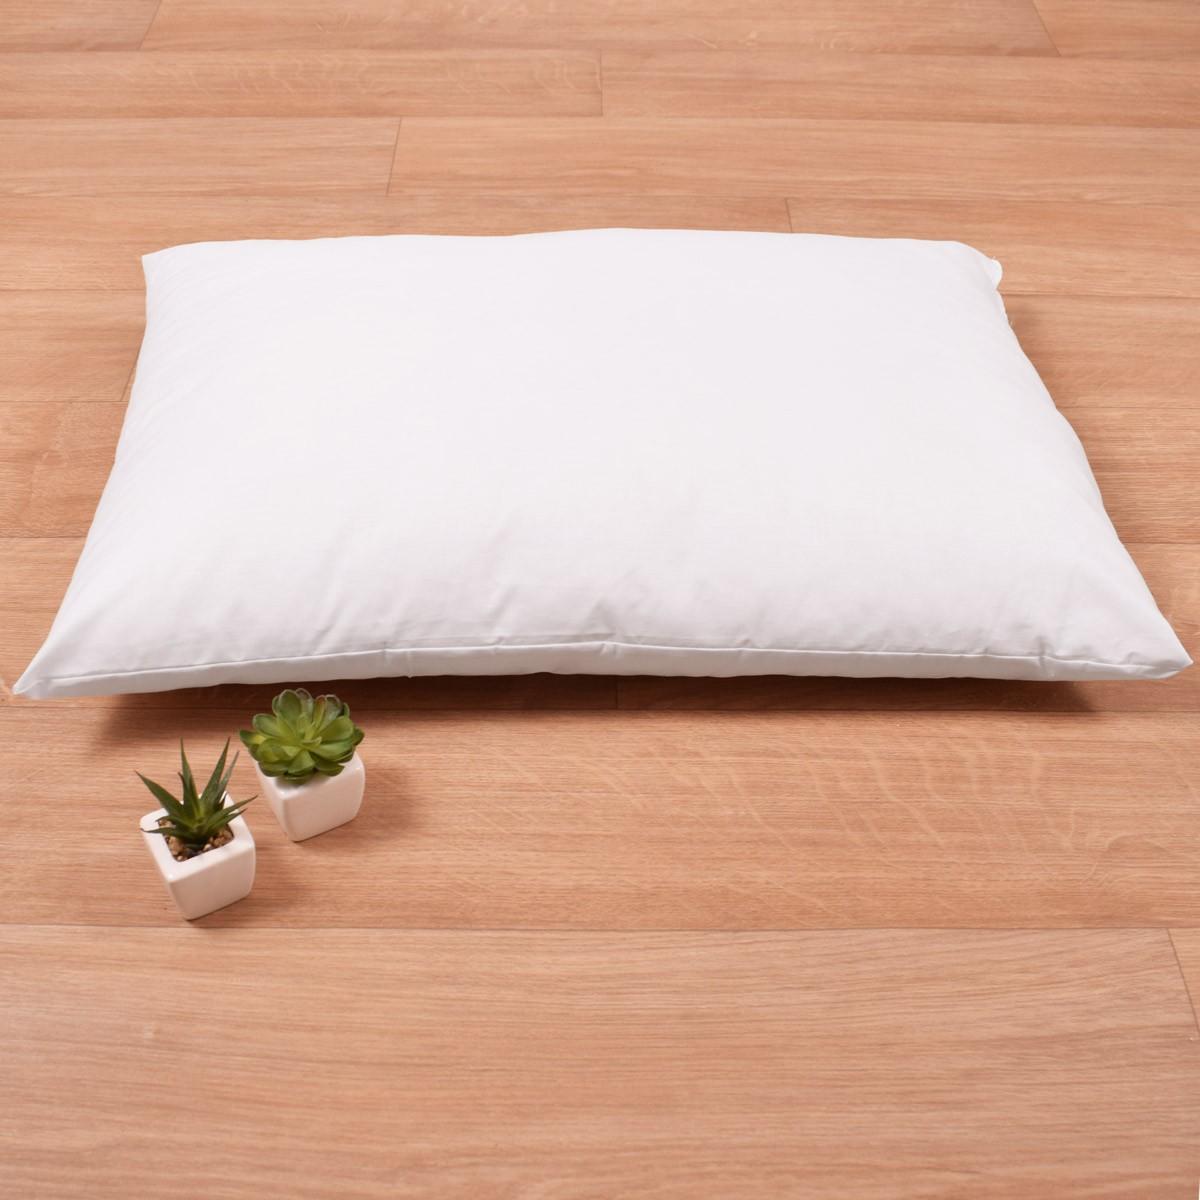 Μαξιλάρι Ύπνου (50x70) Μαλακό 50%Βαμβάκι 50%Polyester 700gr/m2 home   επαγγελματικός εξοπλισμός   ξενοδοχειακός εξοπλισμός   μαξιλάρια ξενοδοχε